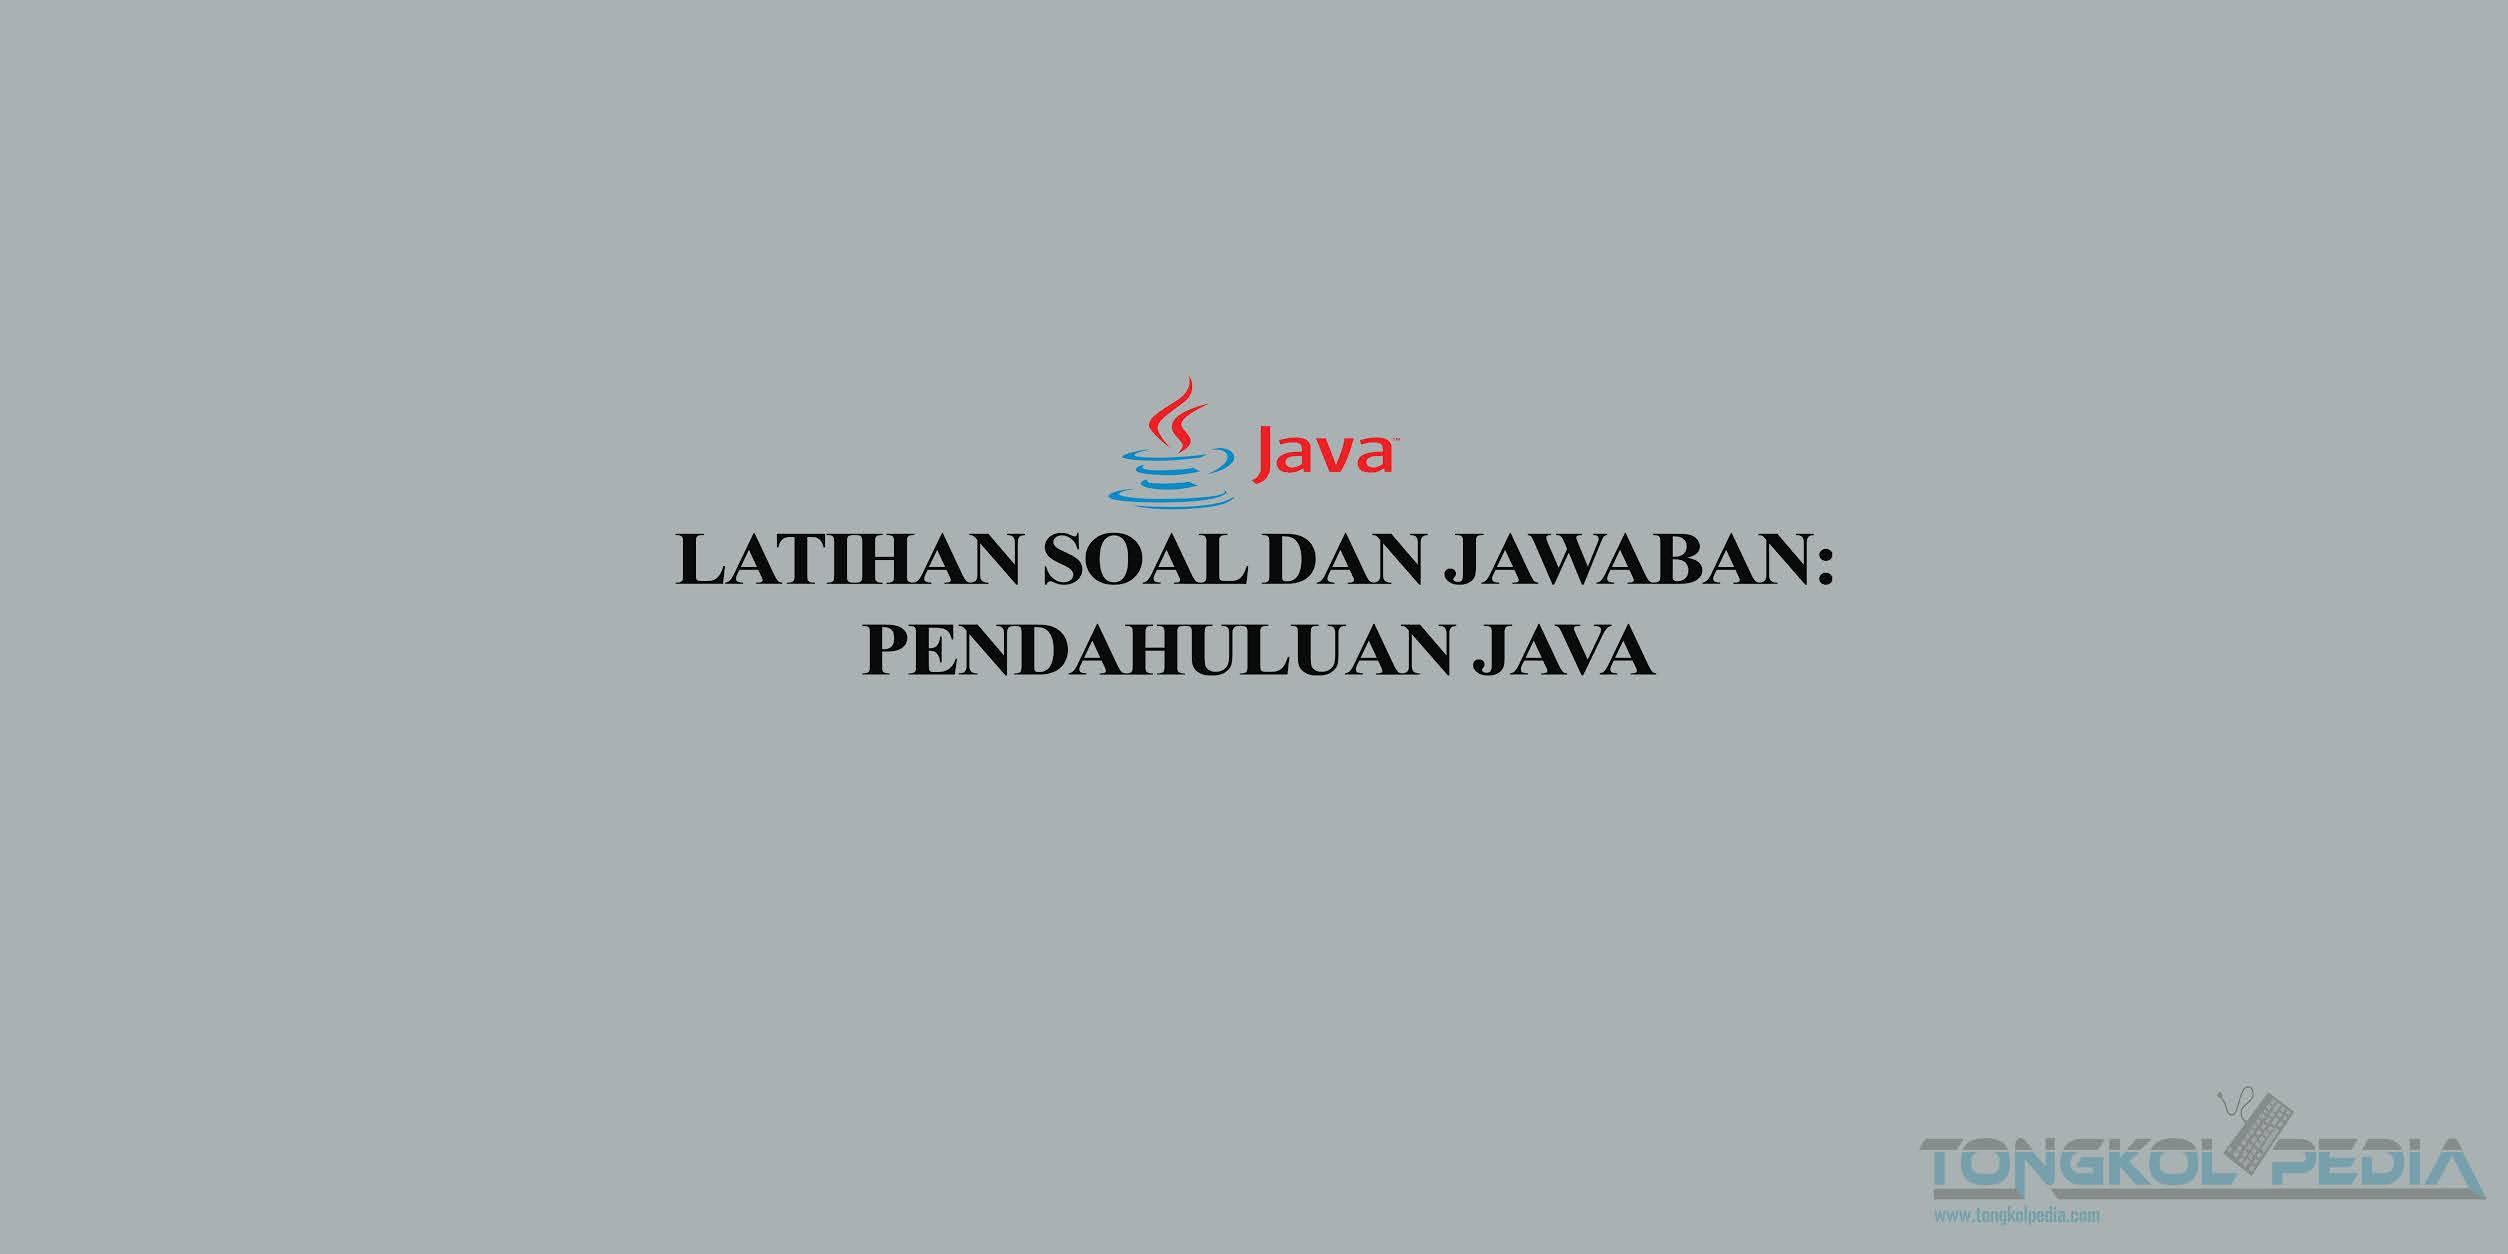 Latihan Soal dan Jawaban: Pendahuluan Java